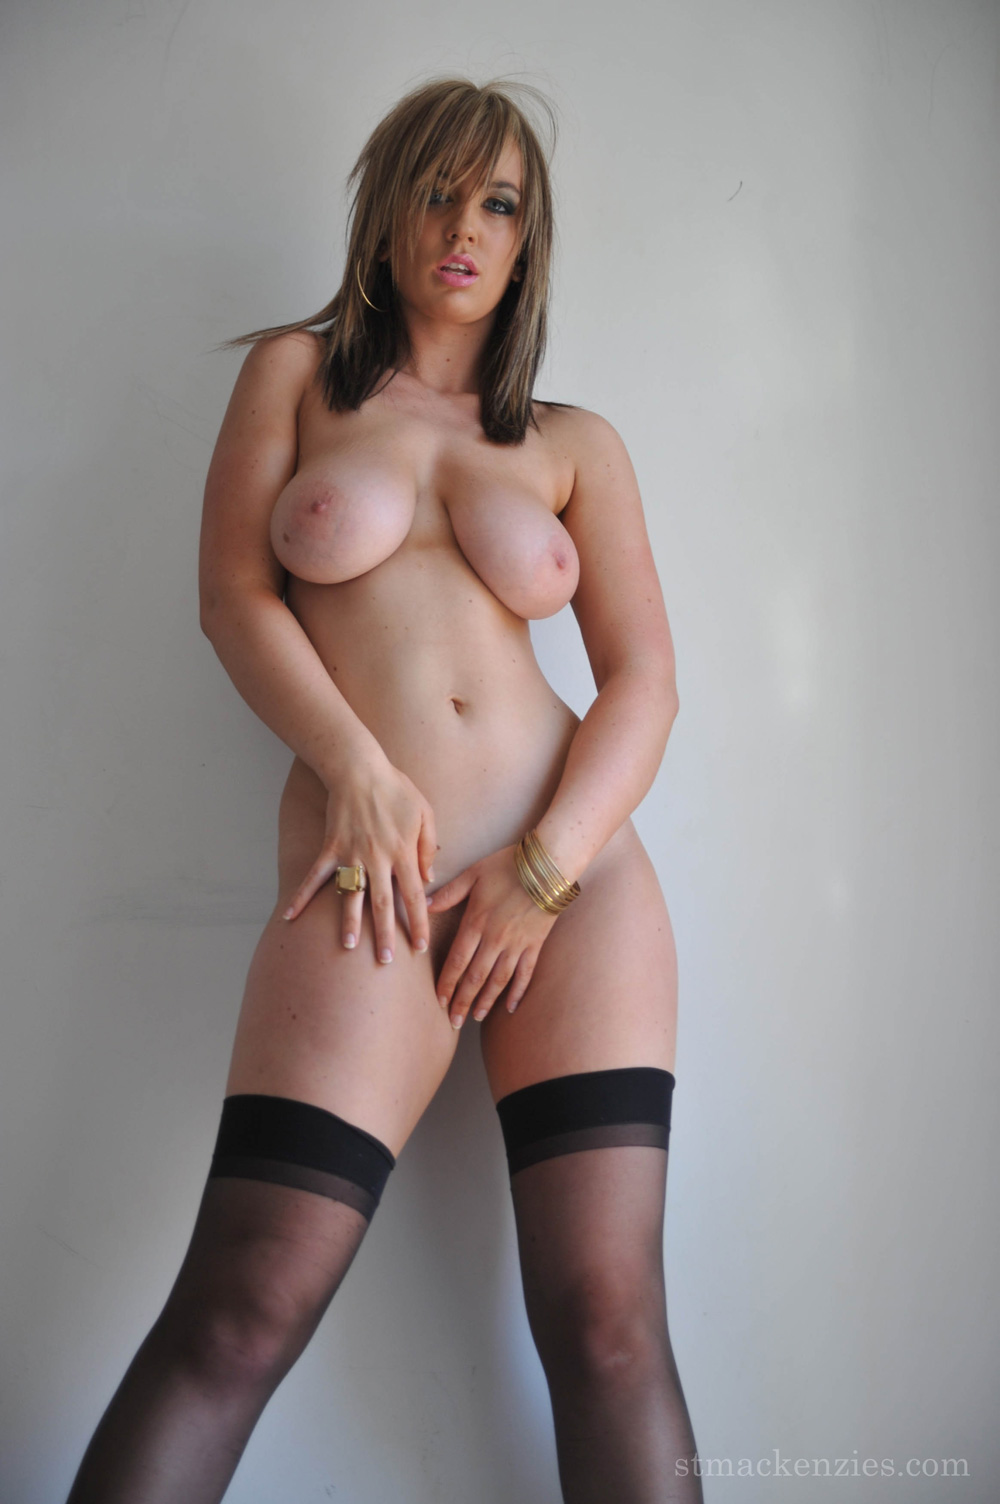 fat tummy asian girl